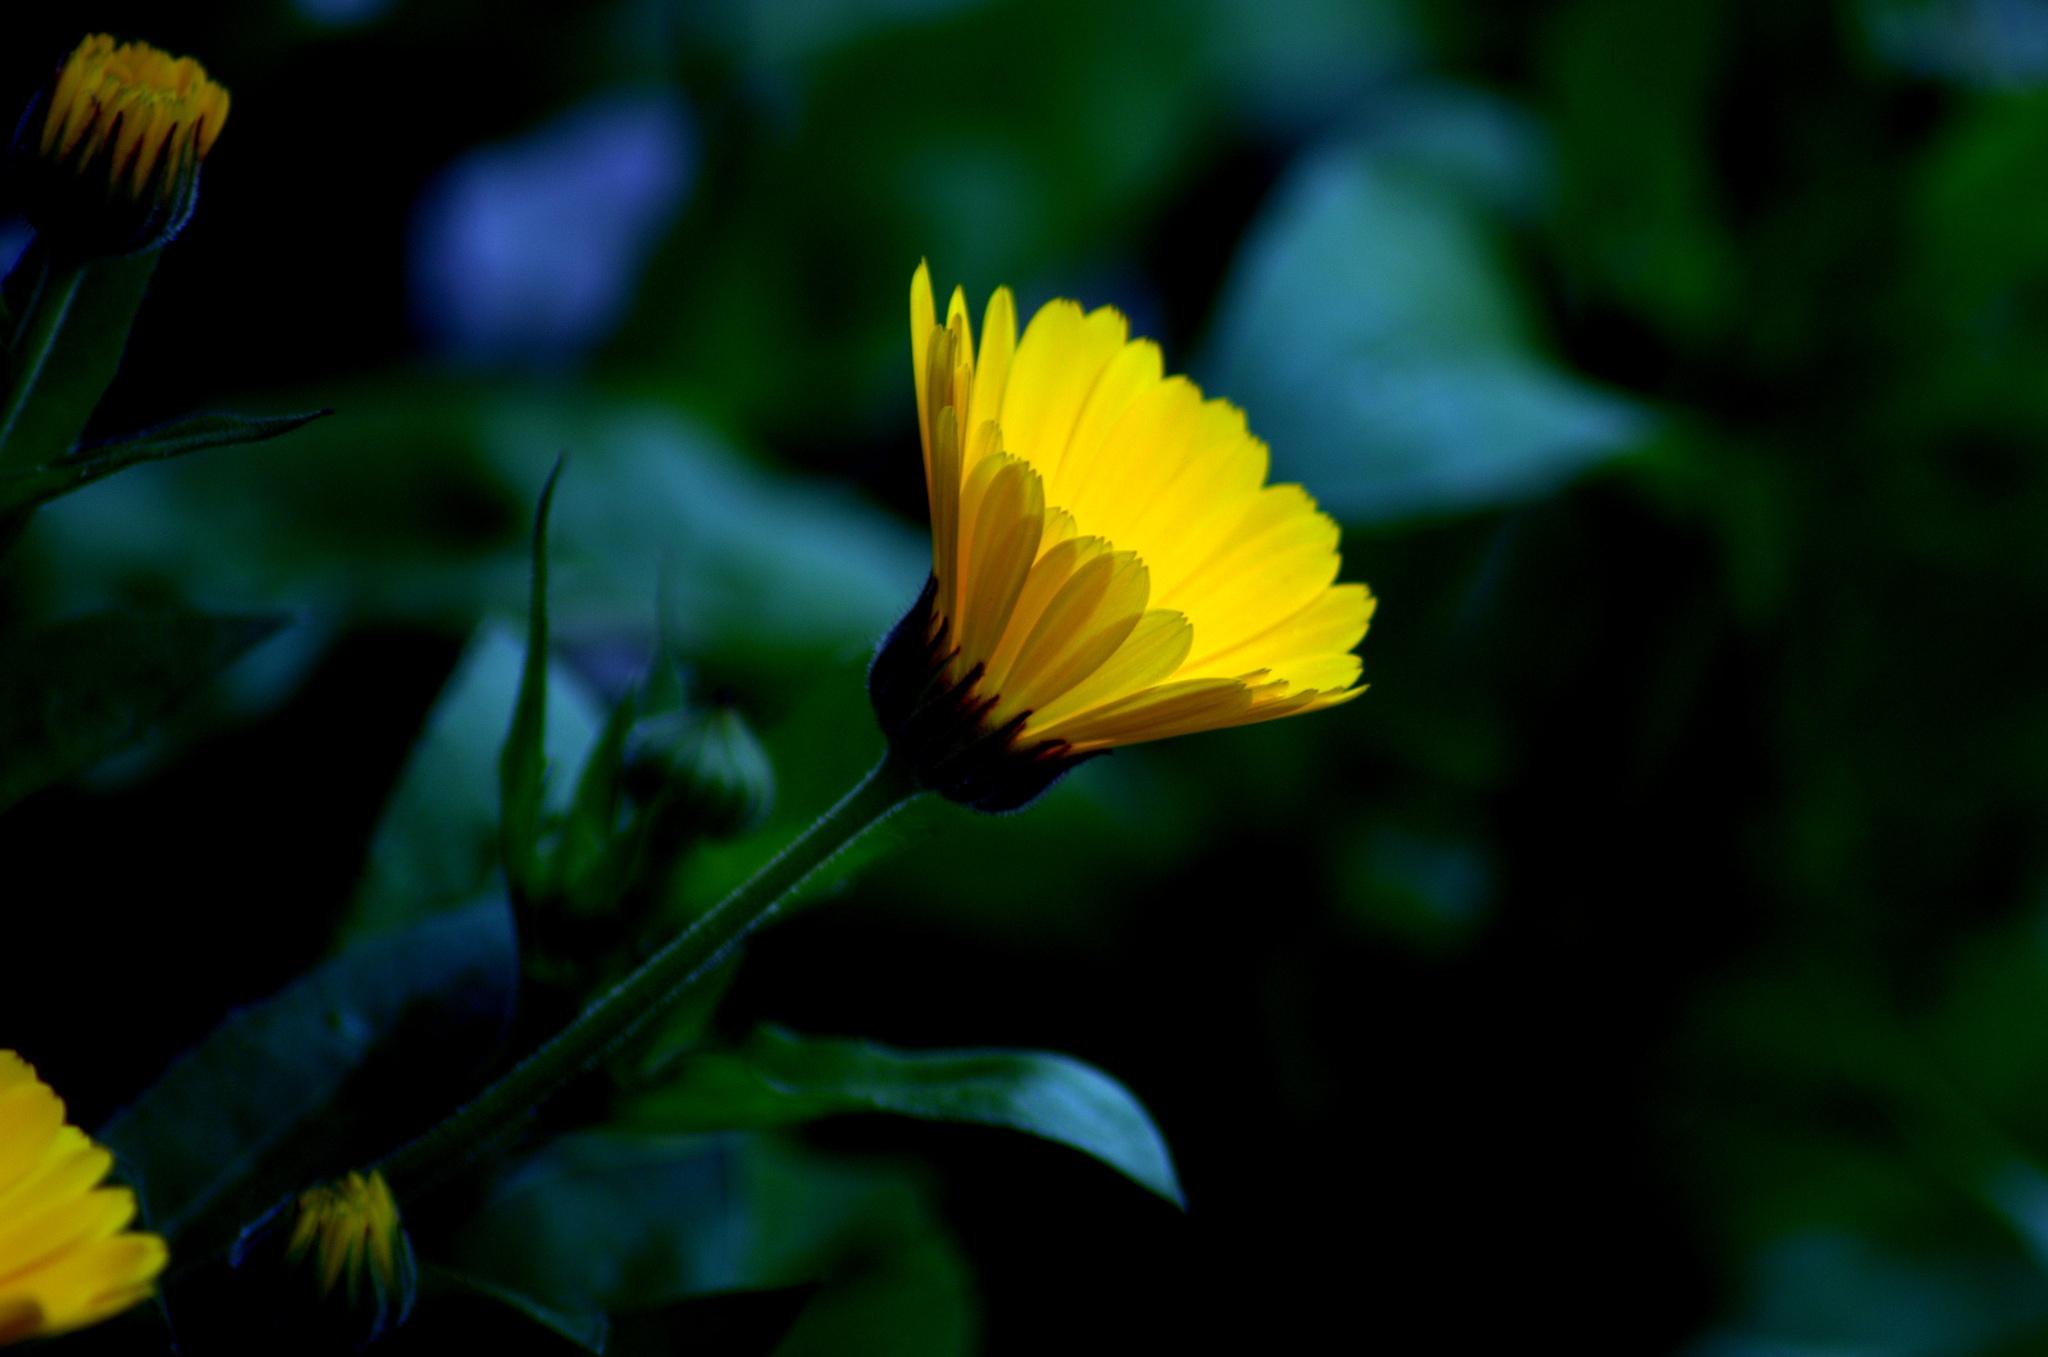 yellow flower by Saravanan Veeru